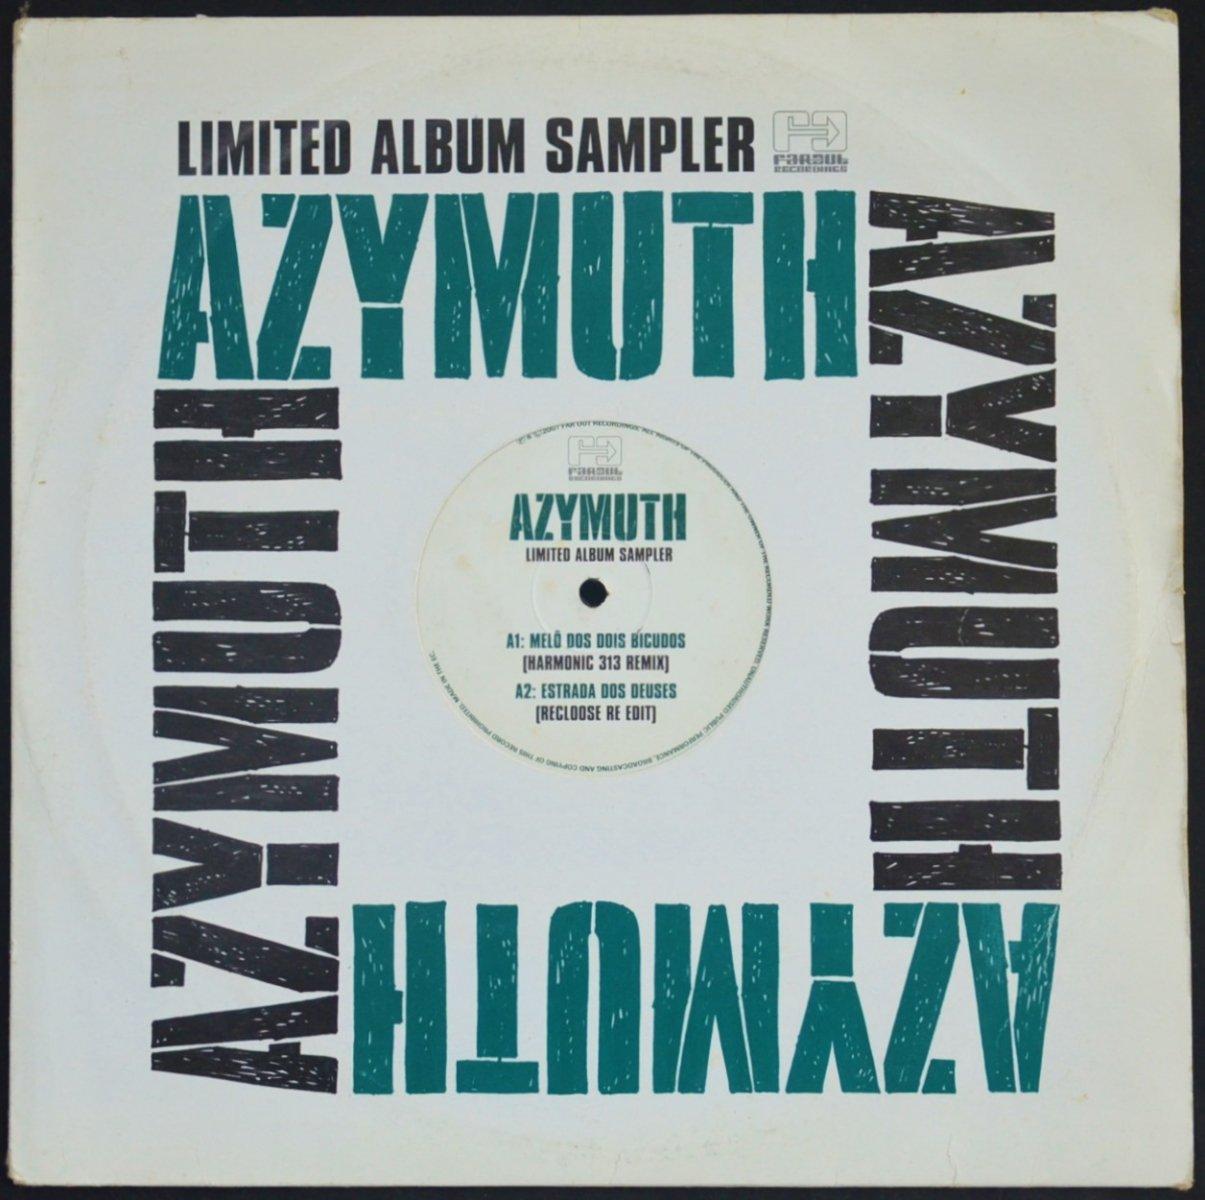 AZYMUTH / MELÔ DOS DOIS BICUDOS / ESTRADA DOS DEUSES (LIMITED ALBUM SAMPLER) (12